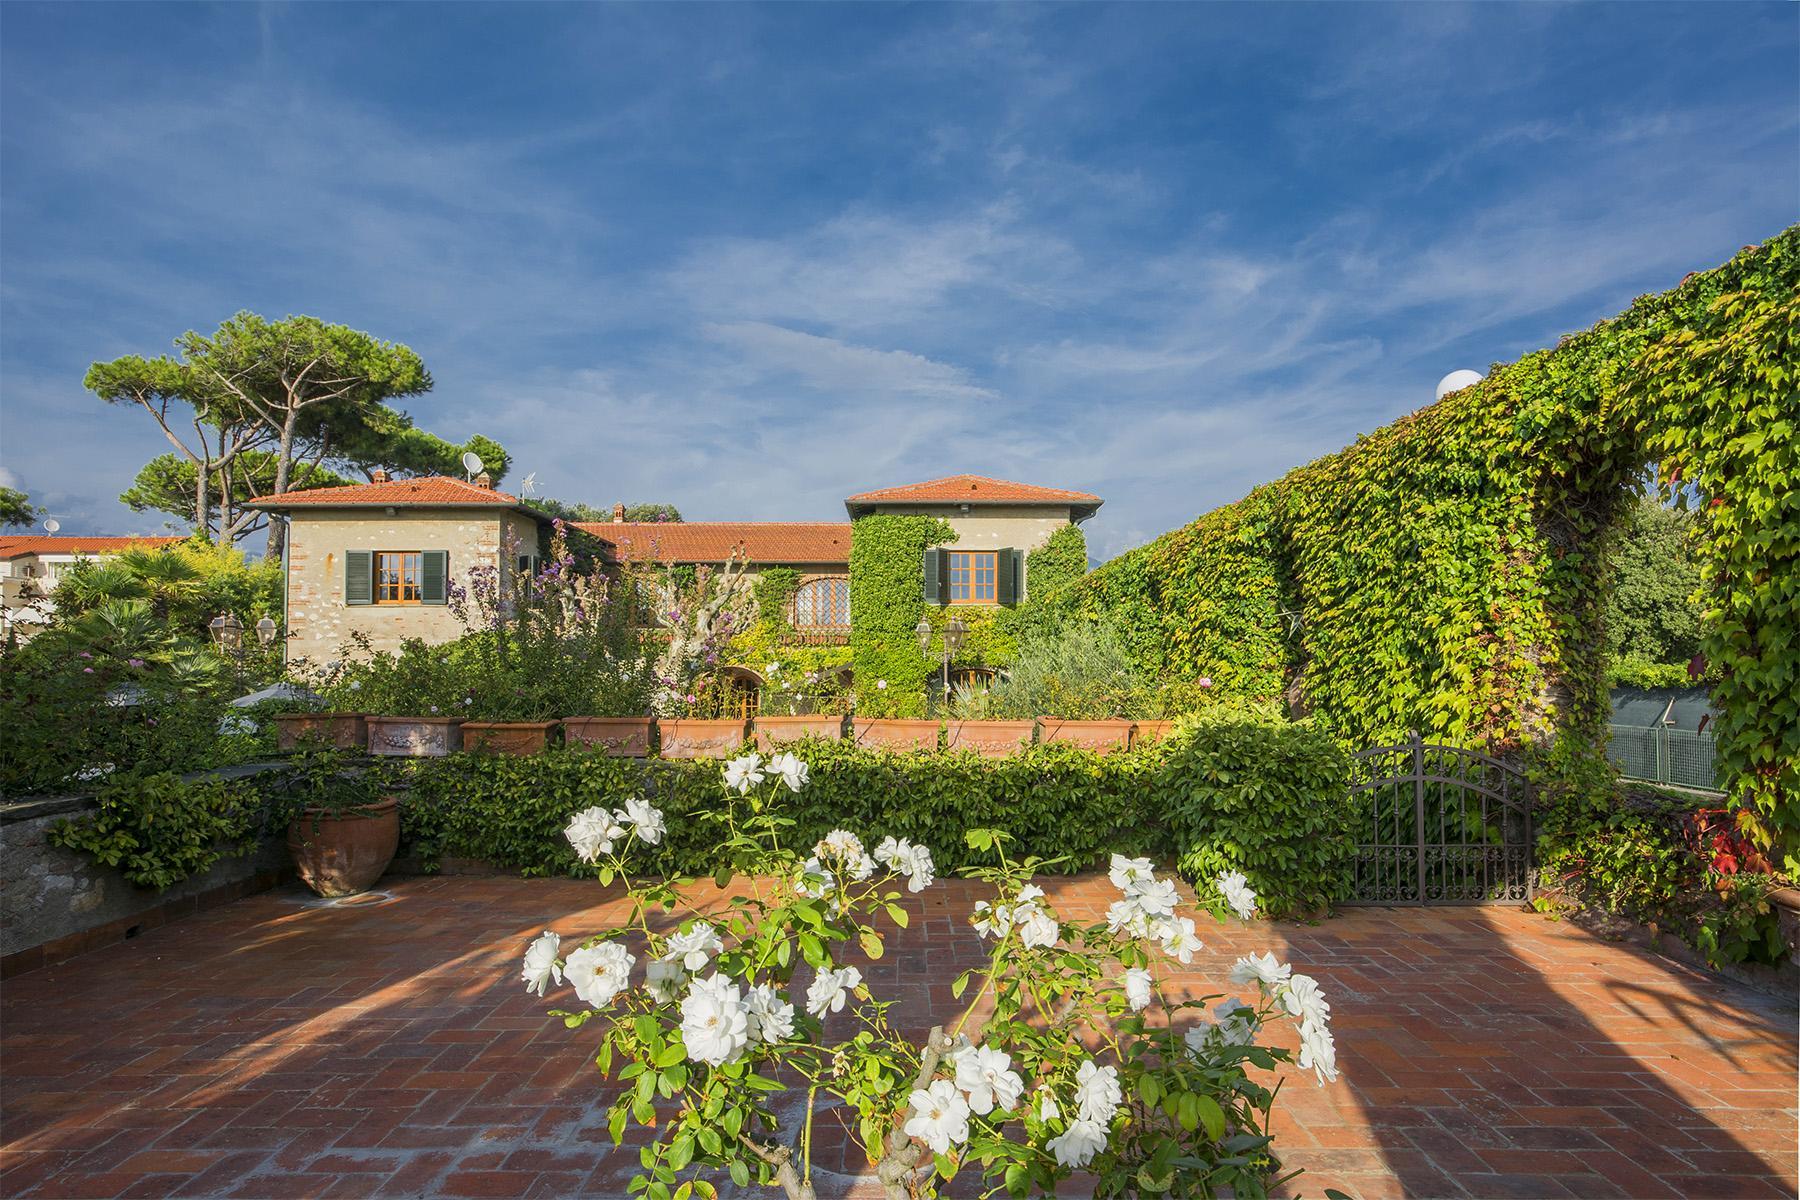 坐落在Marina di Pietrasanta的宏伟建筑 - 30